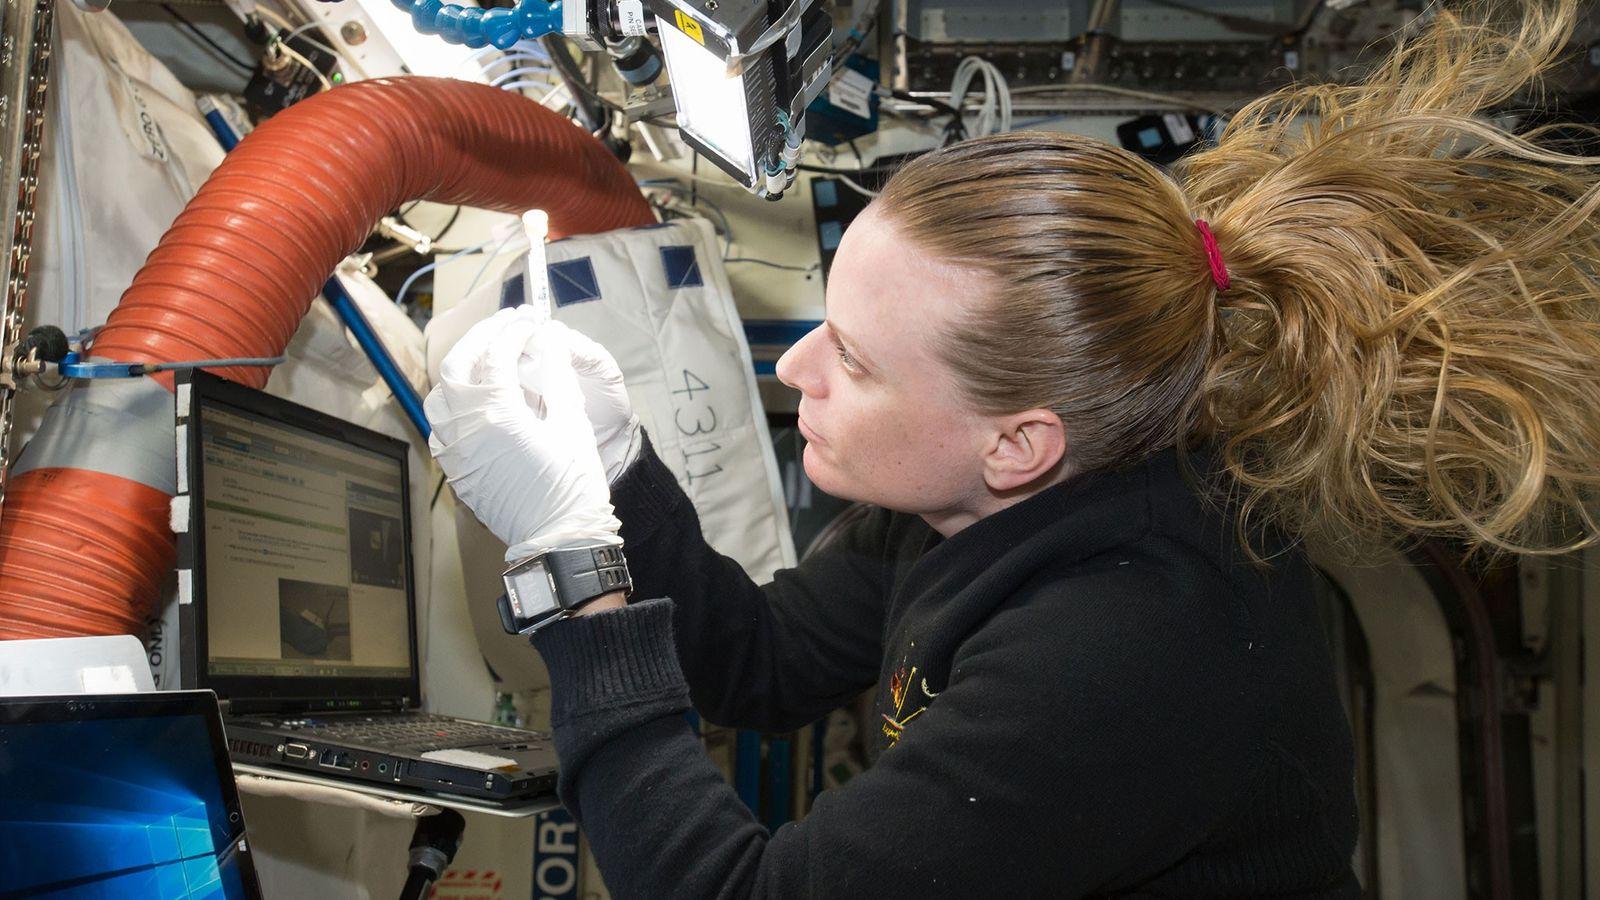 La astronauta Kate Rubins de la NASA trabaja en el experimento del secuenciador de biomoléculas a ...